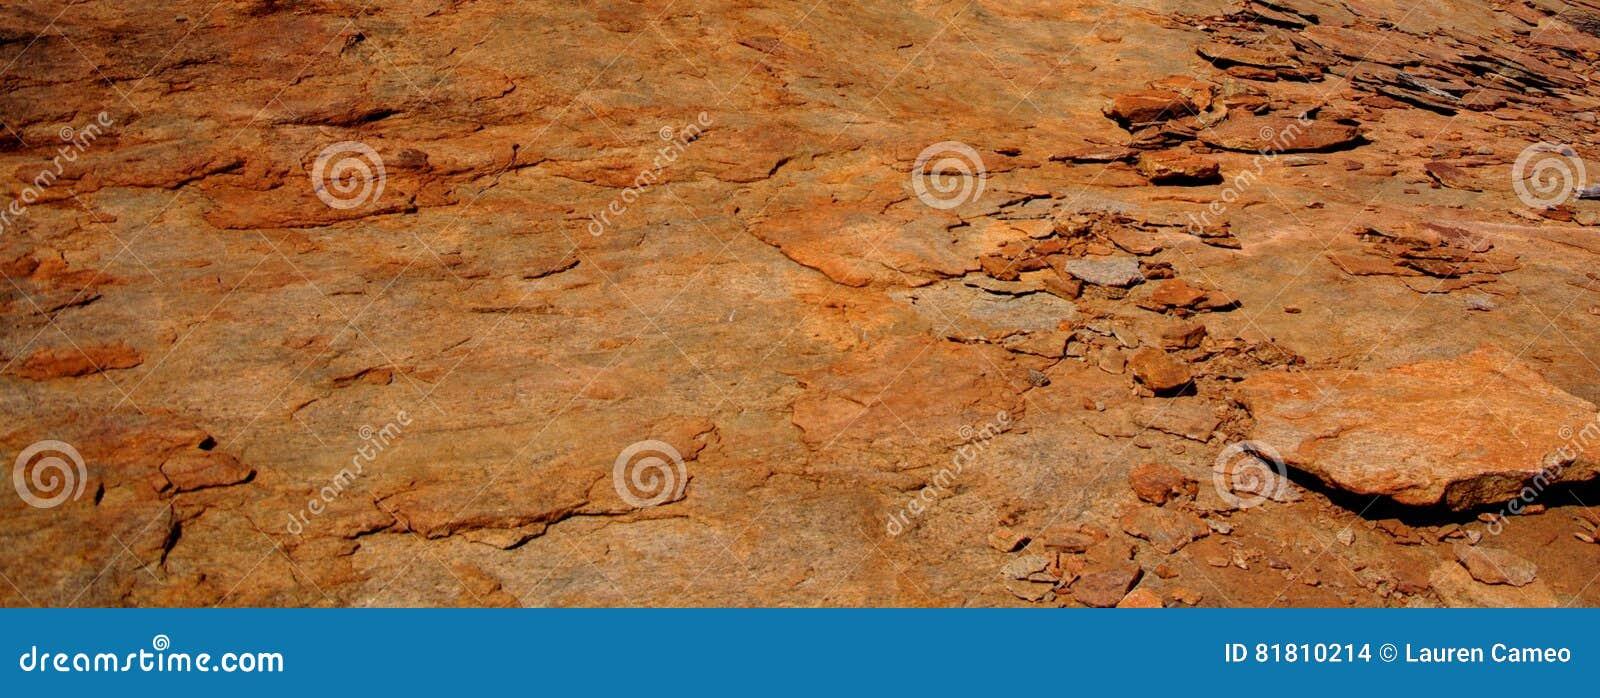 Деталь монолита песчаника